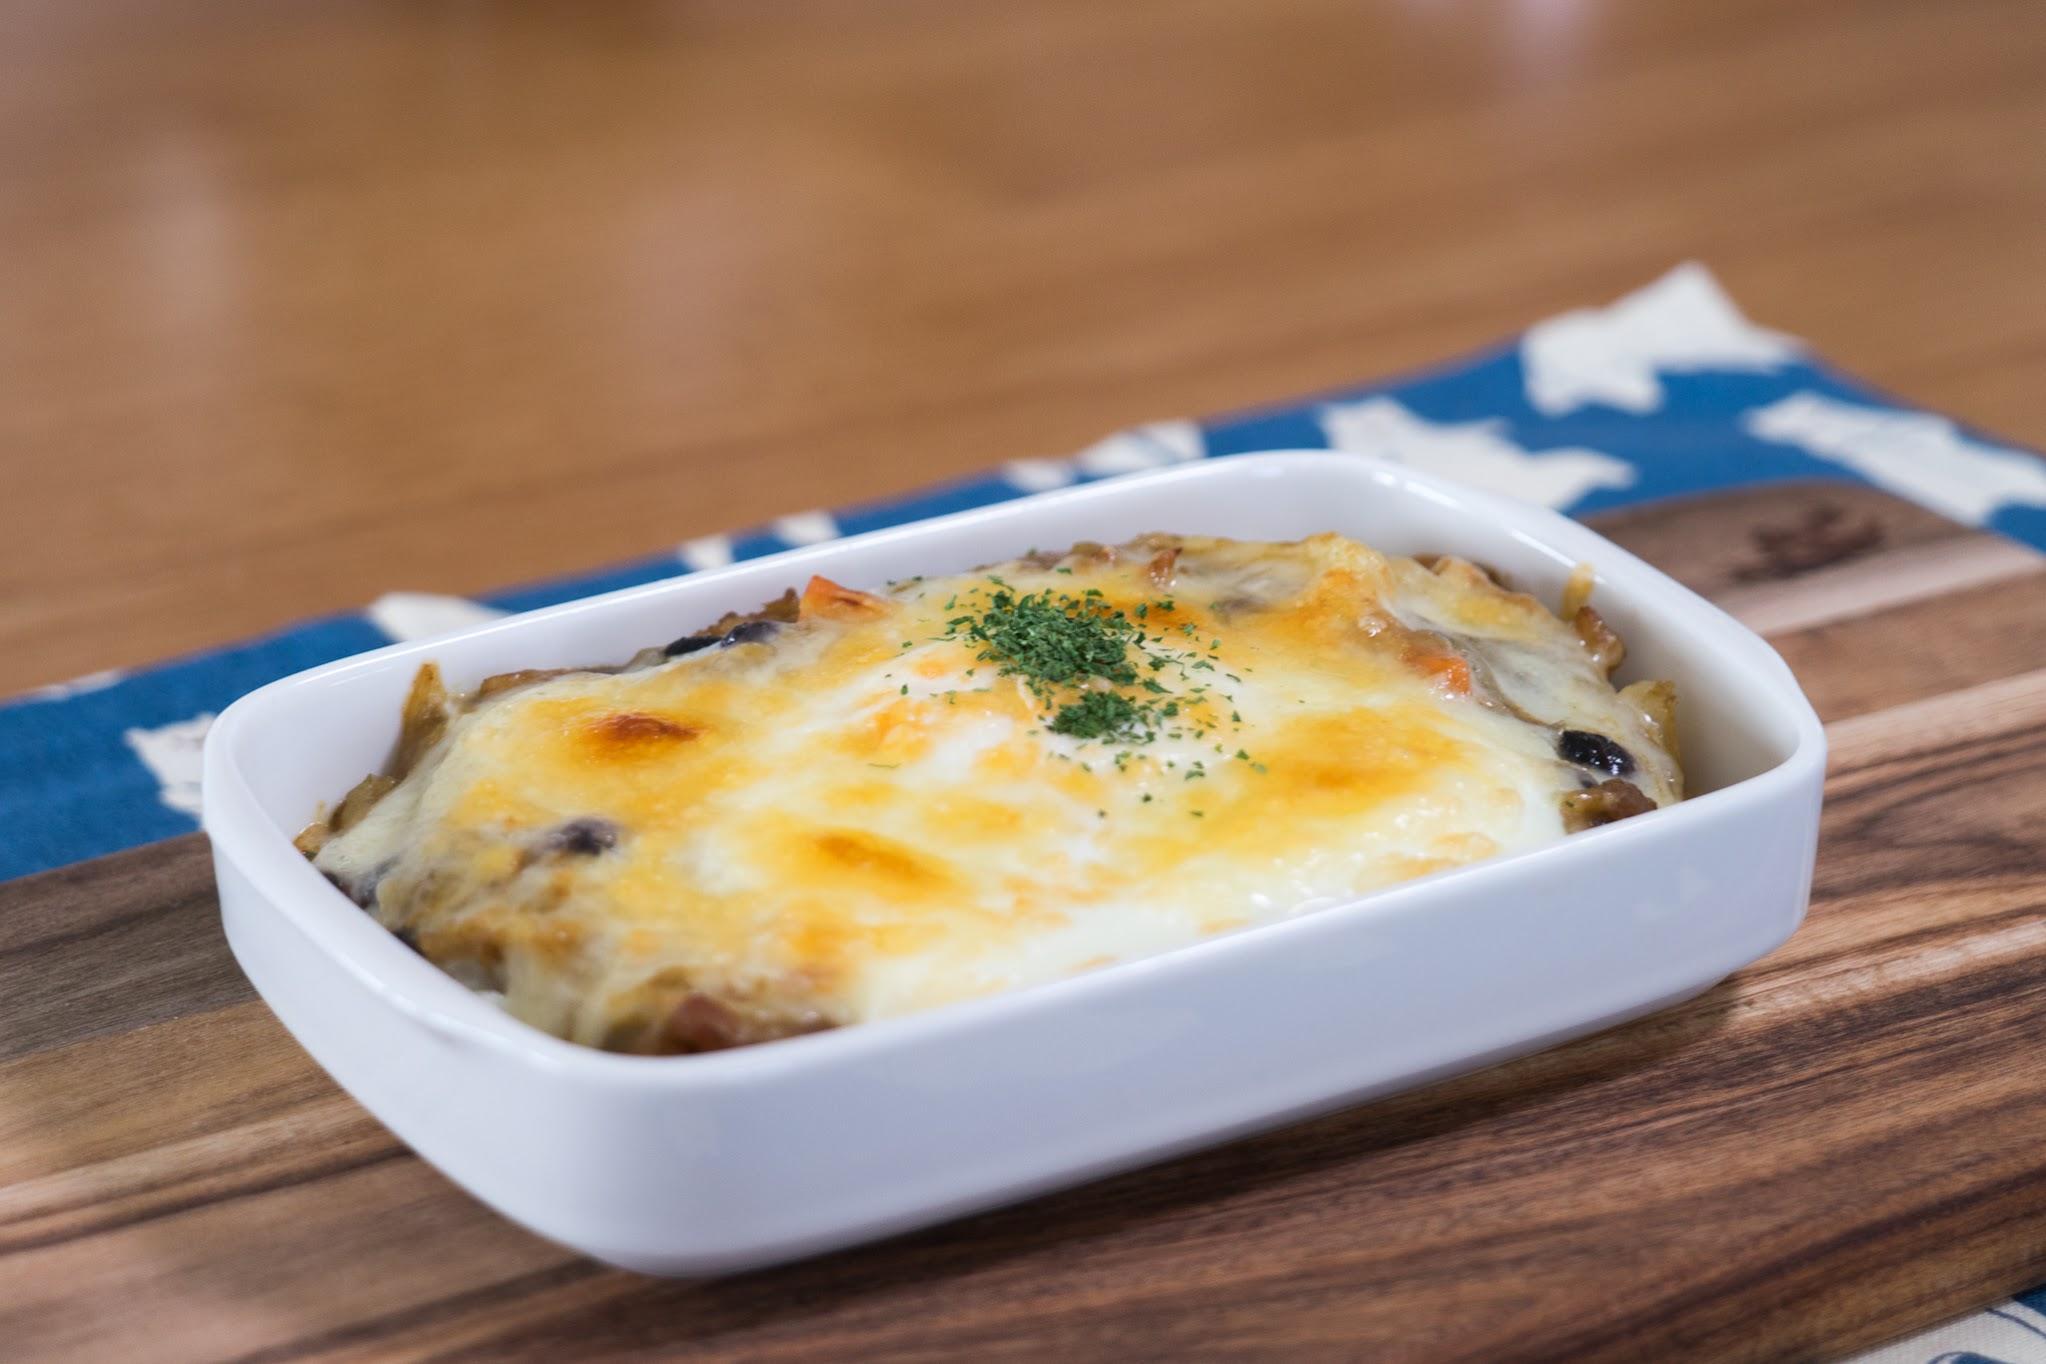 黒千石レシピ:No.14 黒千石大豆入り焼きチーズカレー